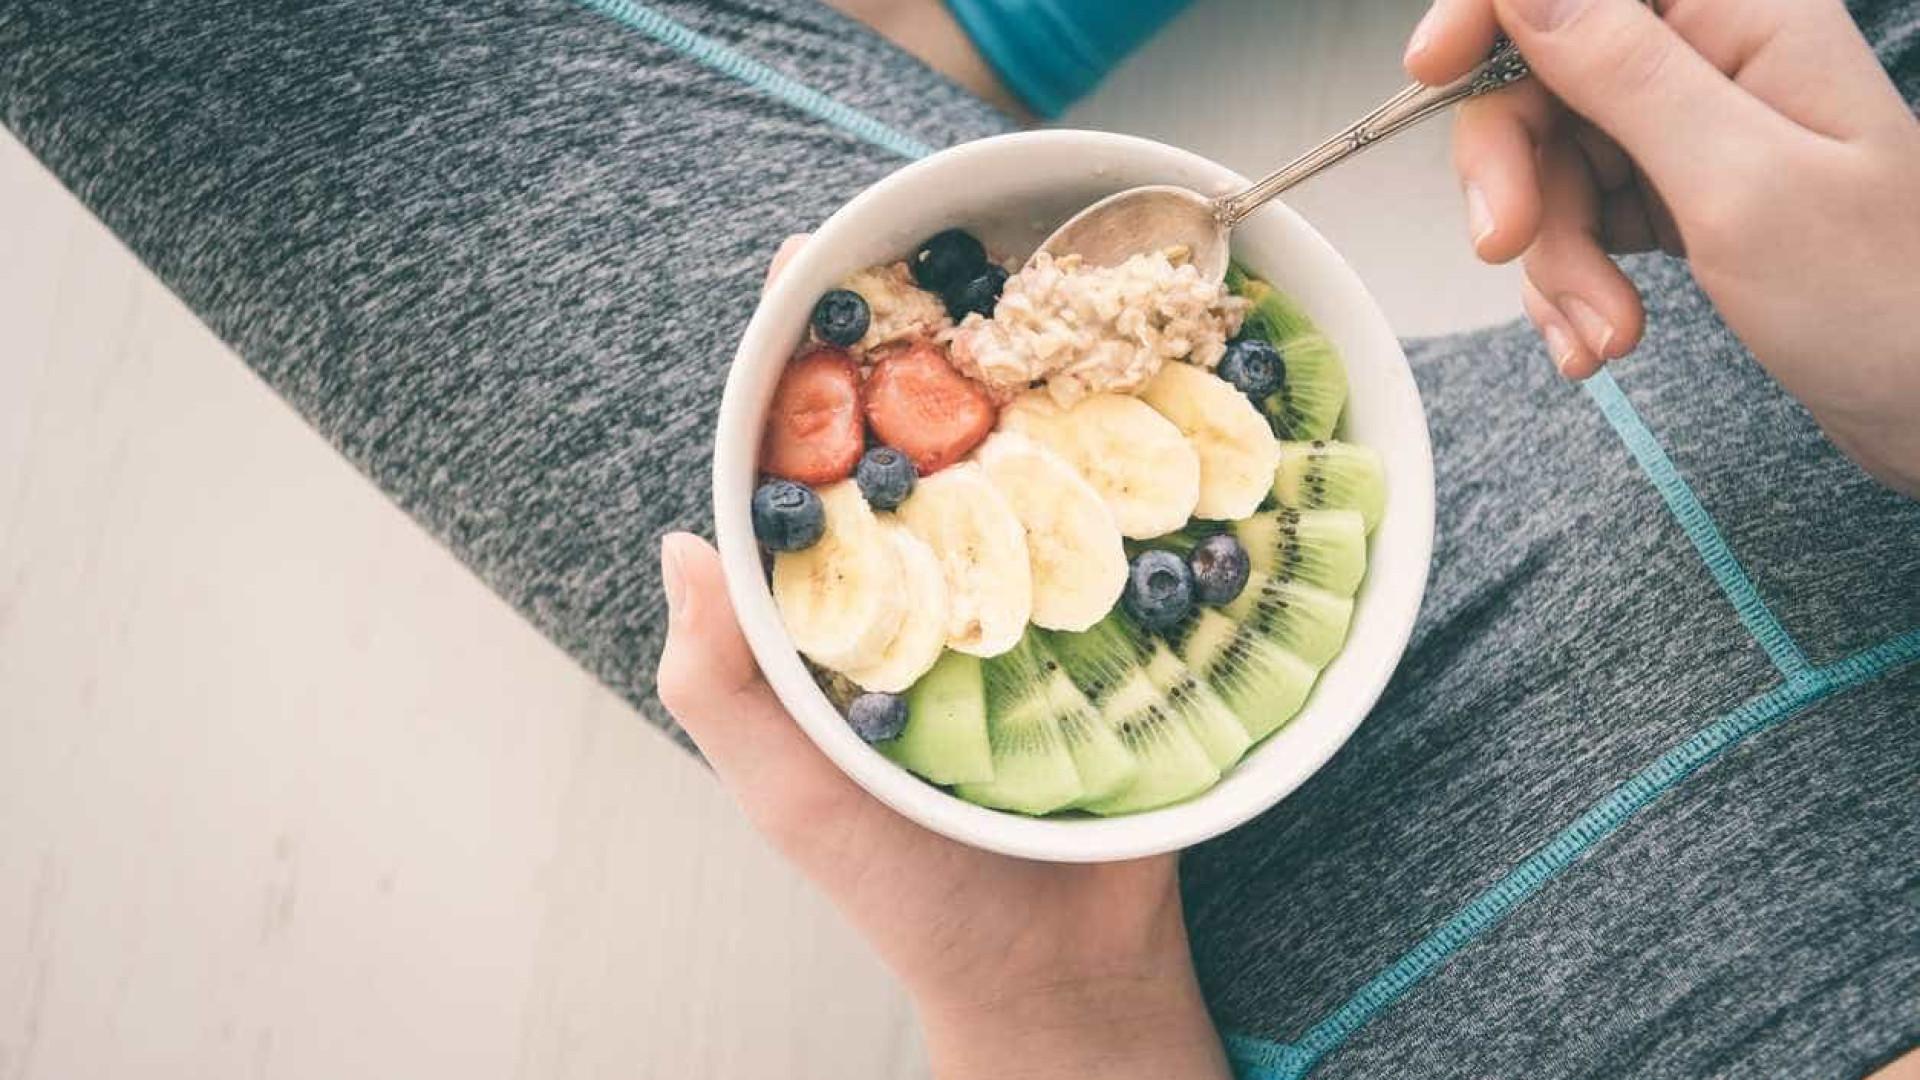 Queima calorias, mas não só. O exercício também pode influenciar a dieta